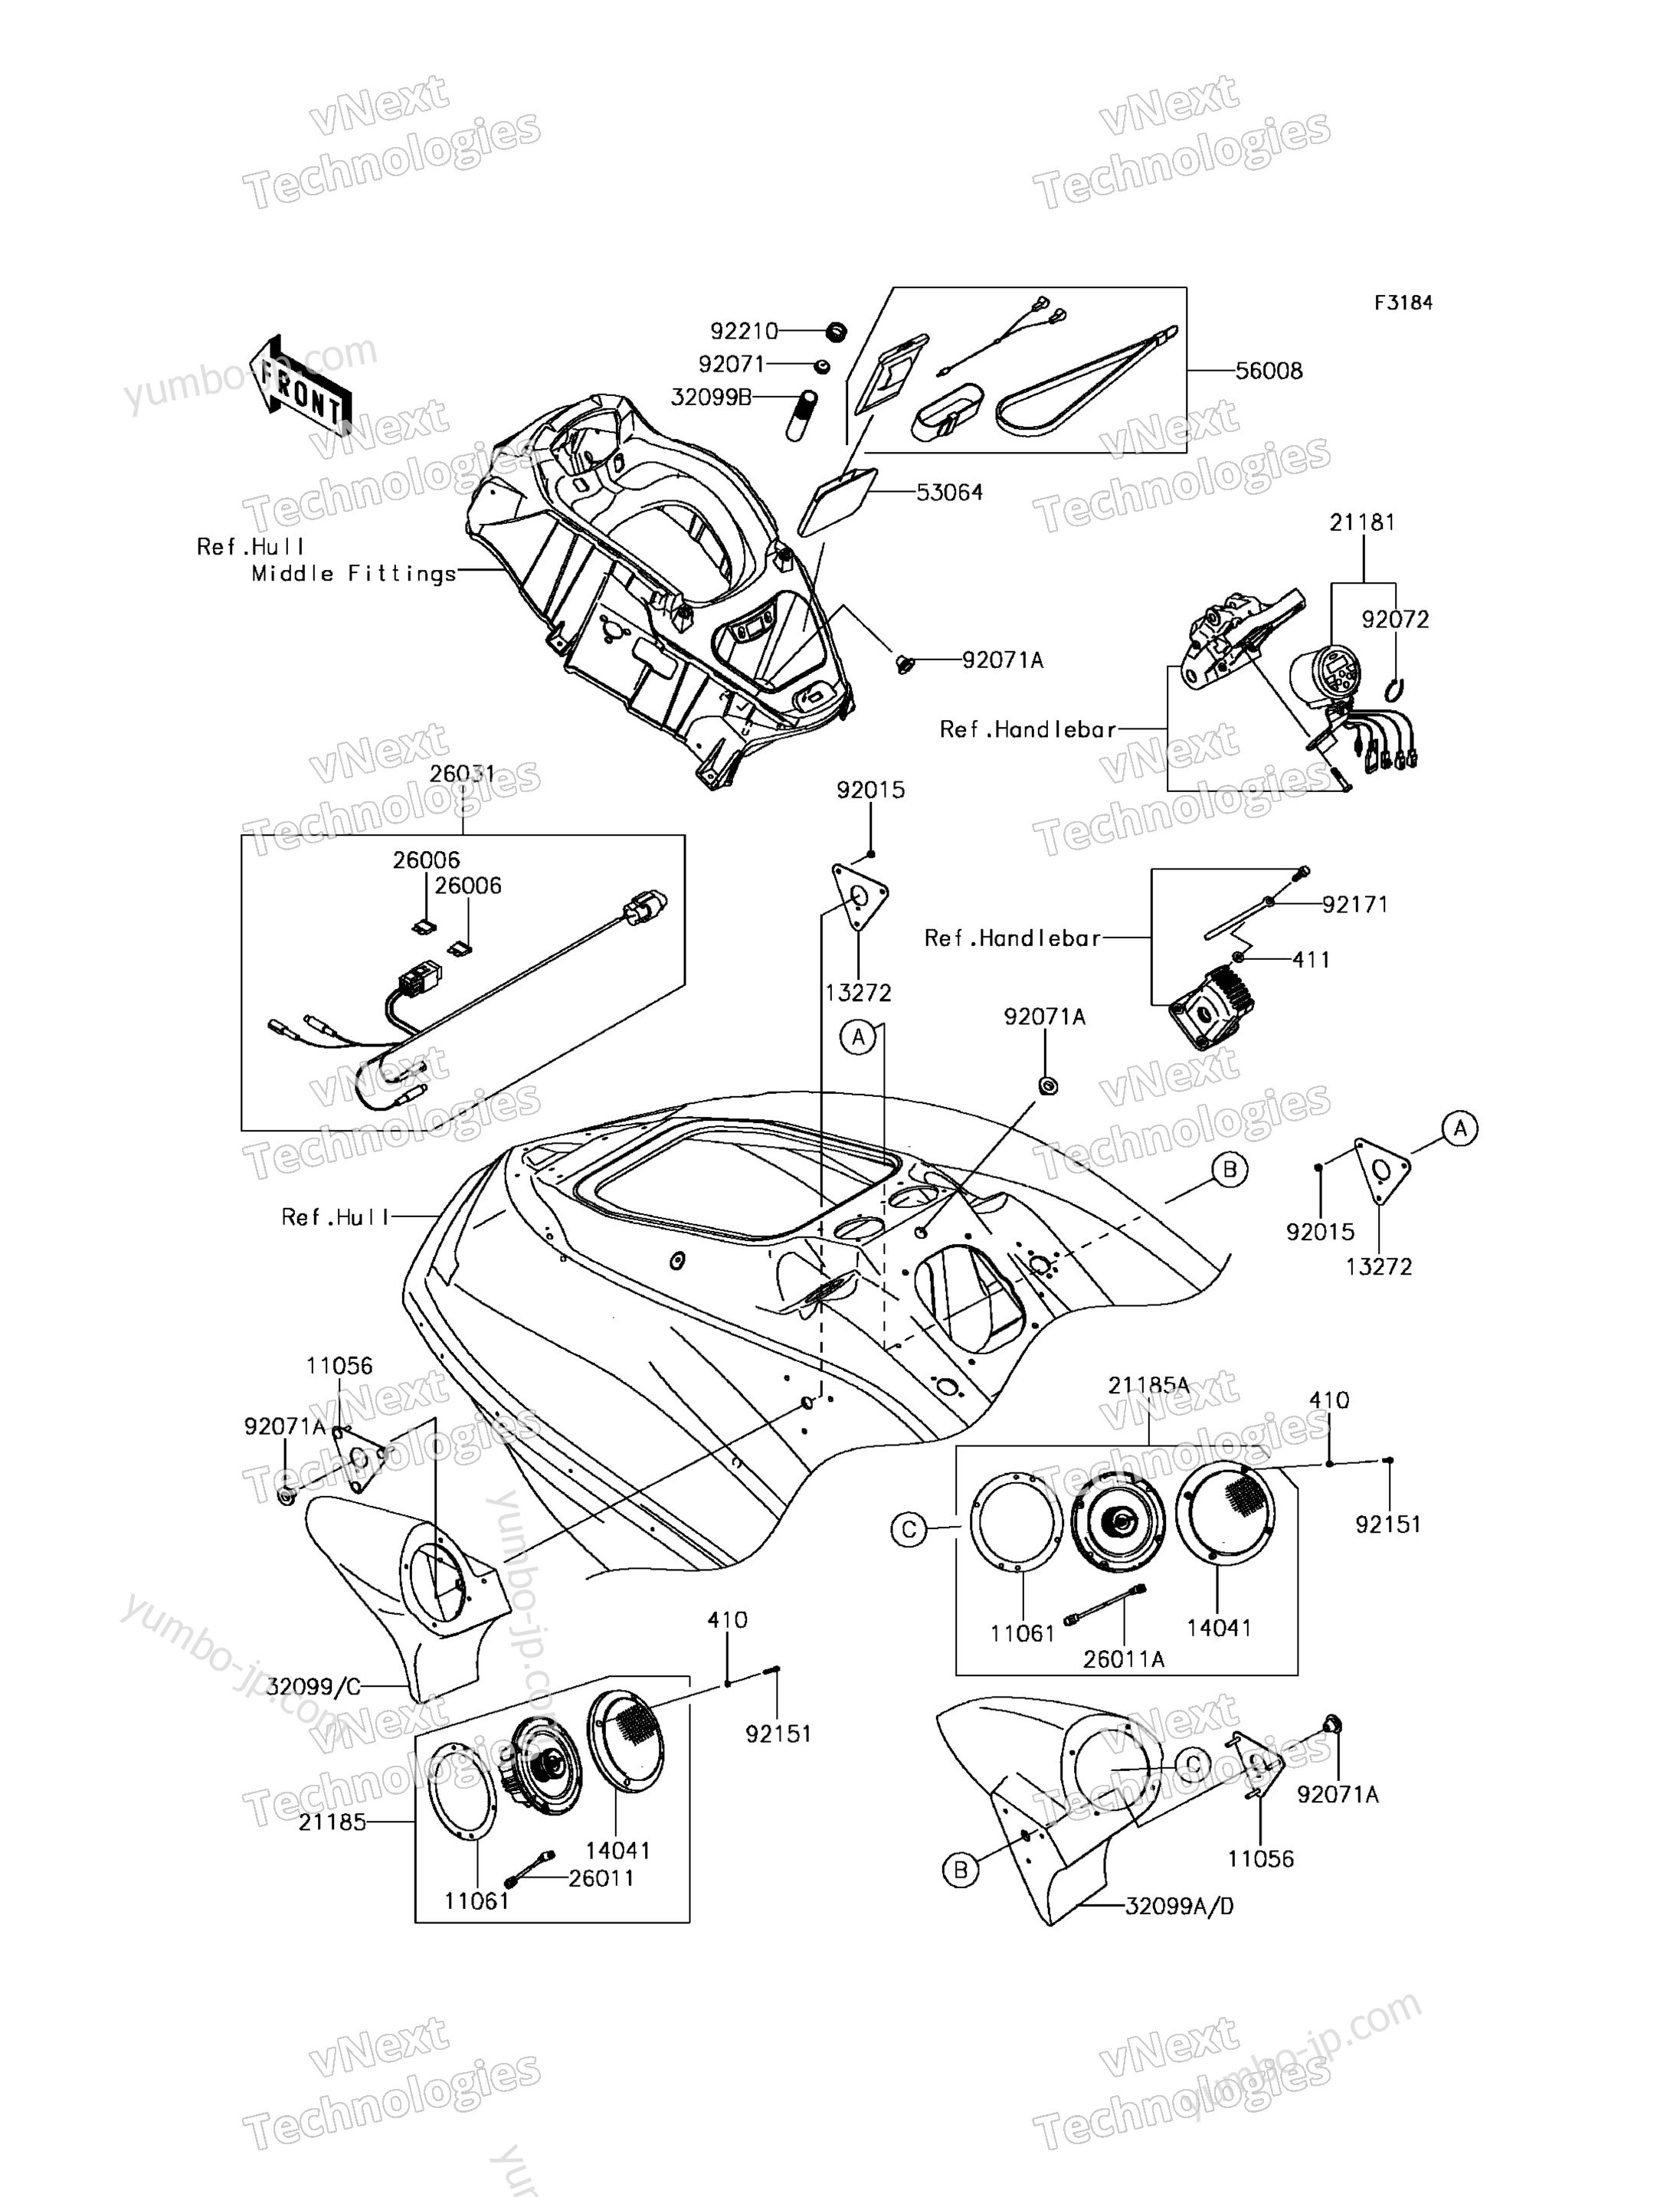 Other(Speaker) для гидроциклов KAWASAKI JET SKI ULTRA 310LX (JT1500MEF) 2014 г.